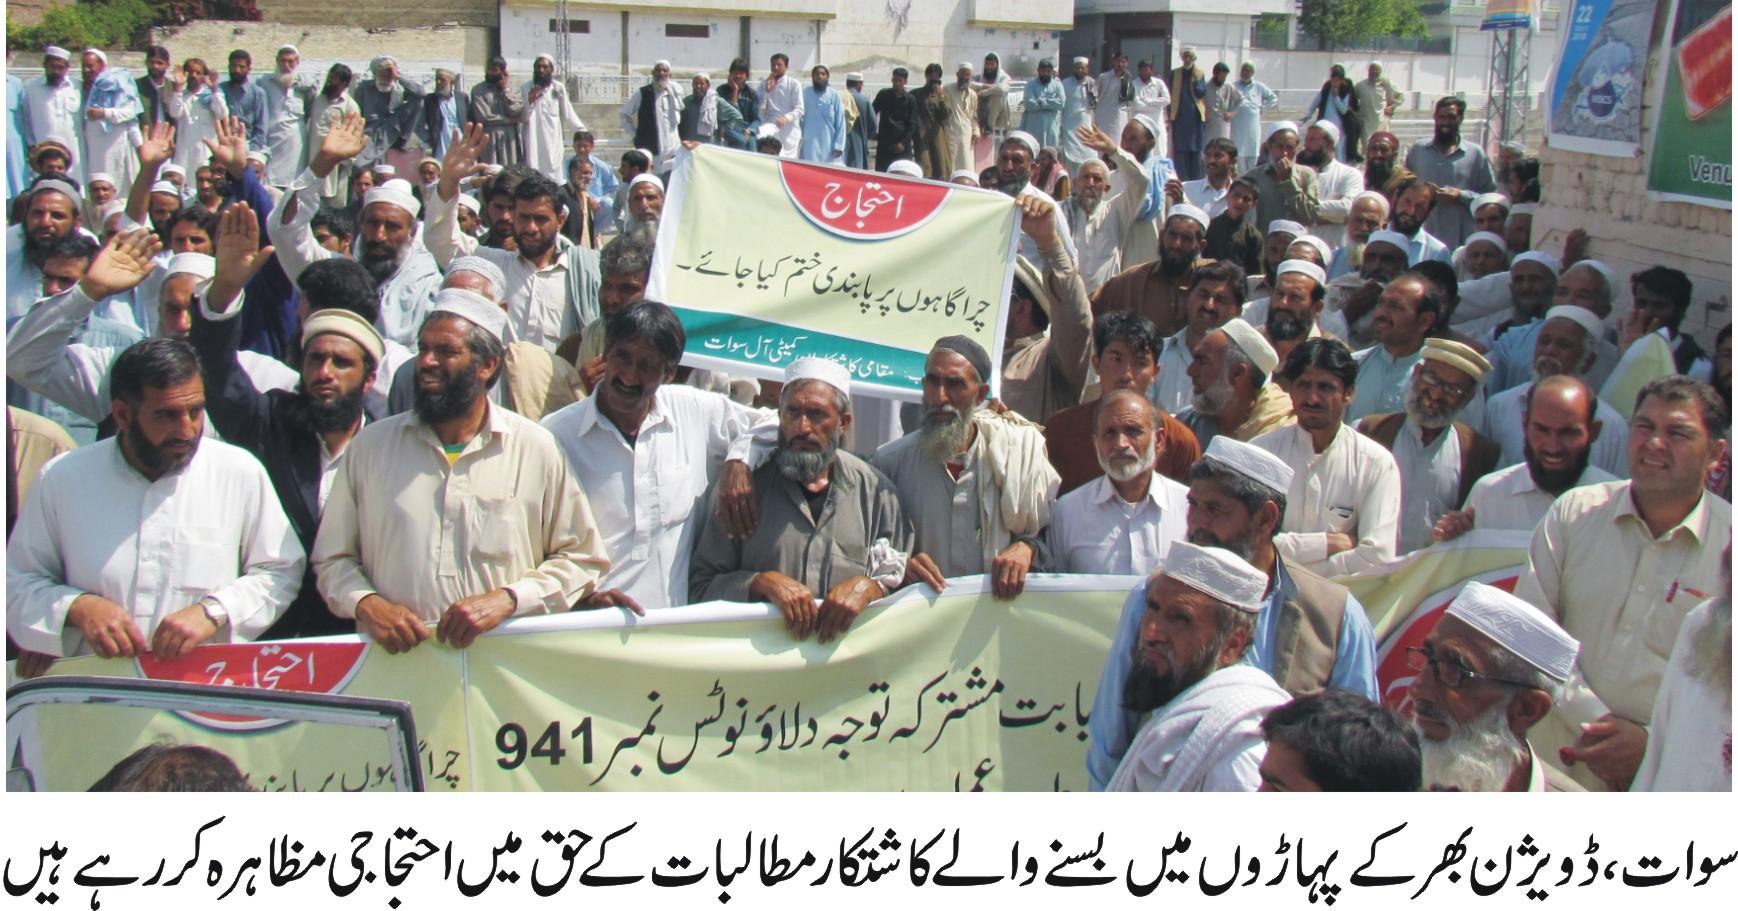 سوات کے پہاڑوں میں بسنے والے کاشتکاروں کا مطالبات کے حق میں احتجاجی مظاہرہ